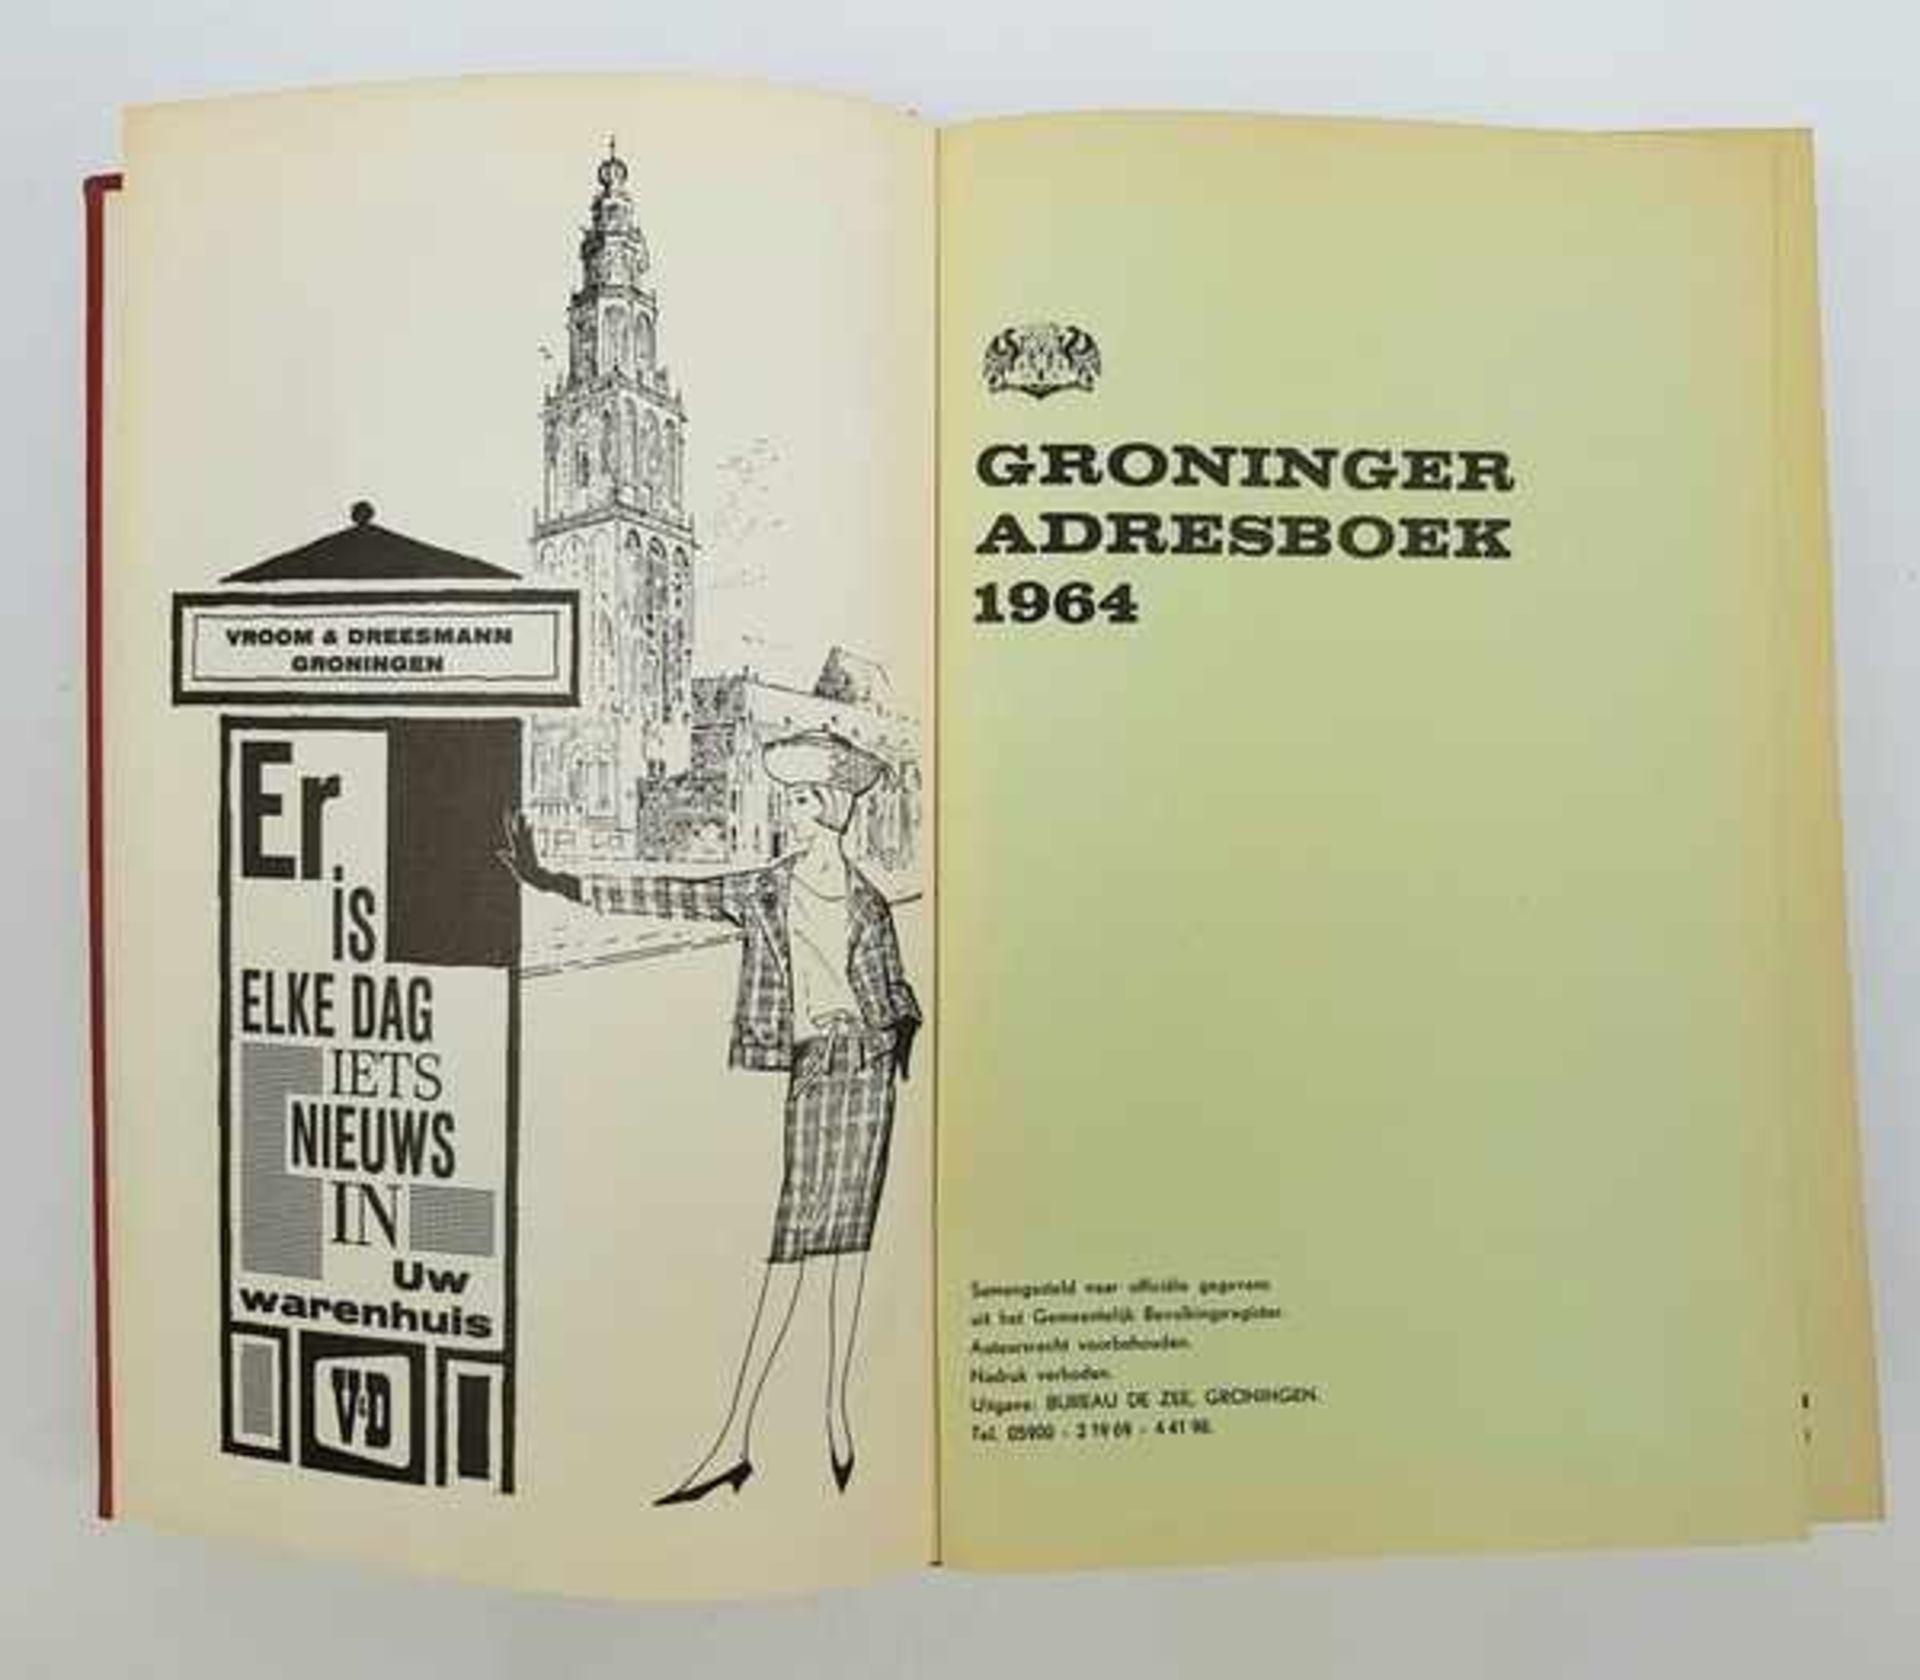 (Boeken) Groninger adresboek 1964 - Bild 5 aus 6